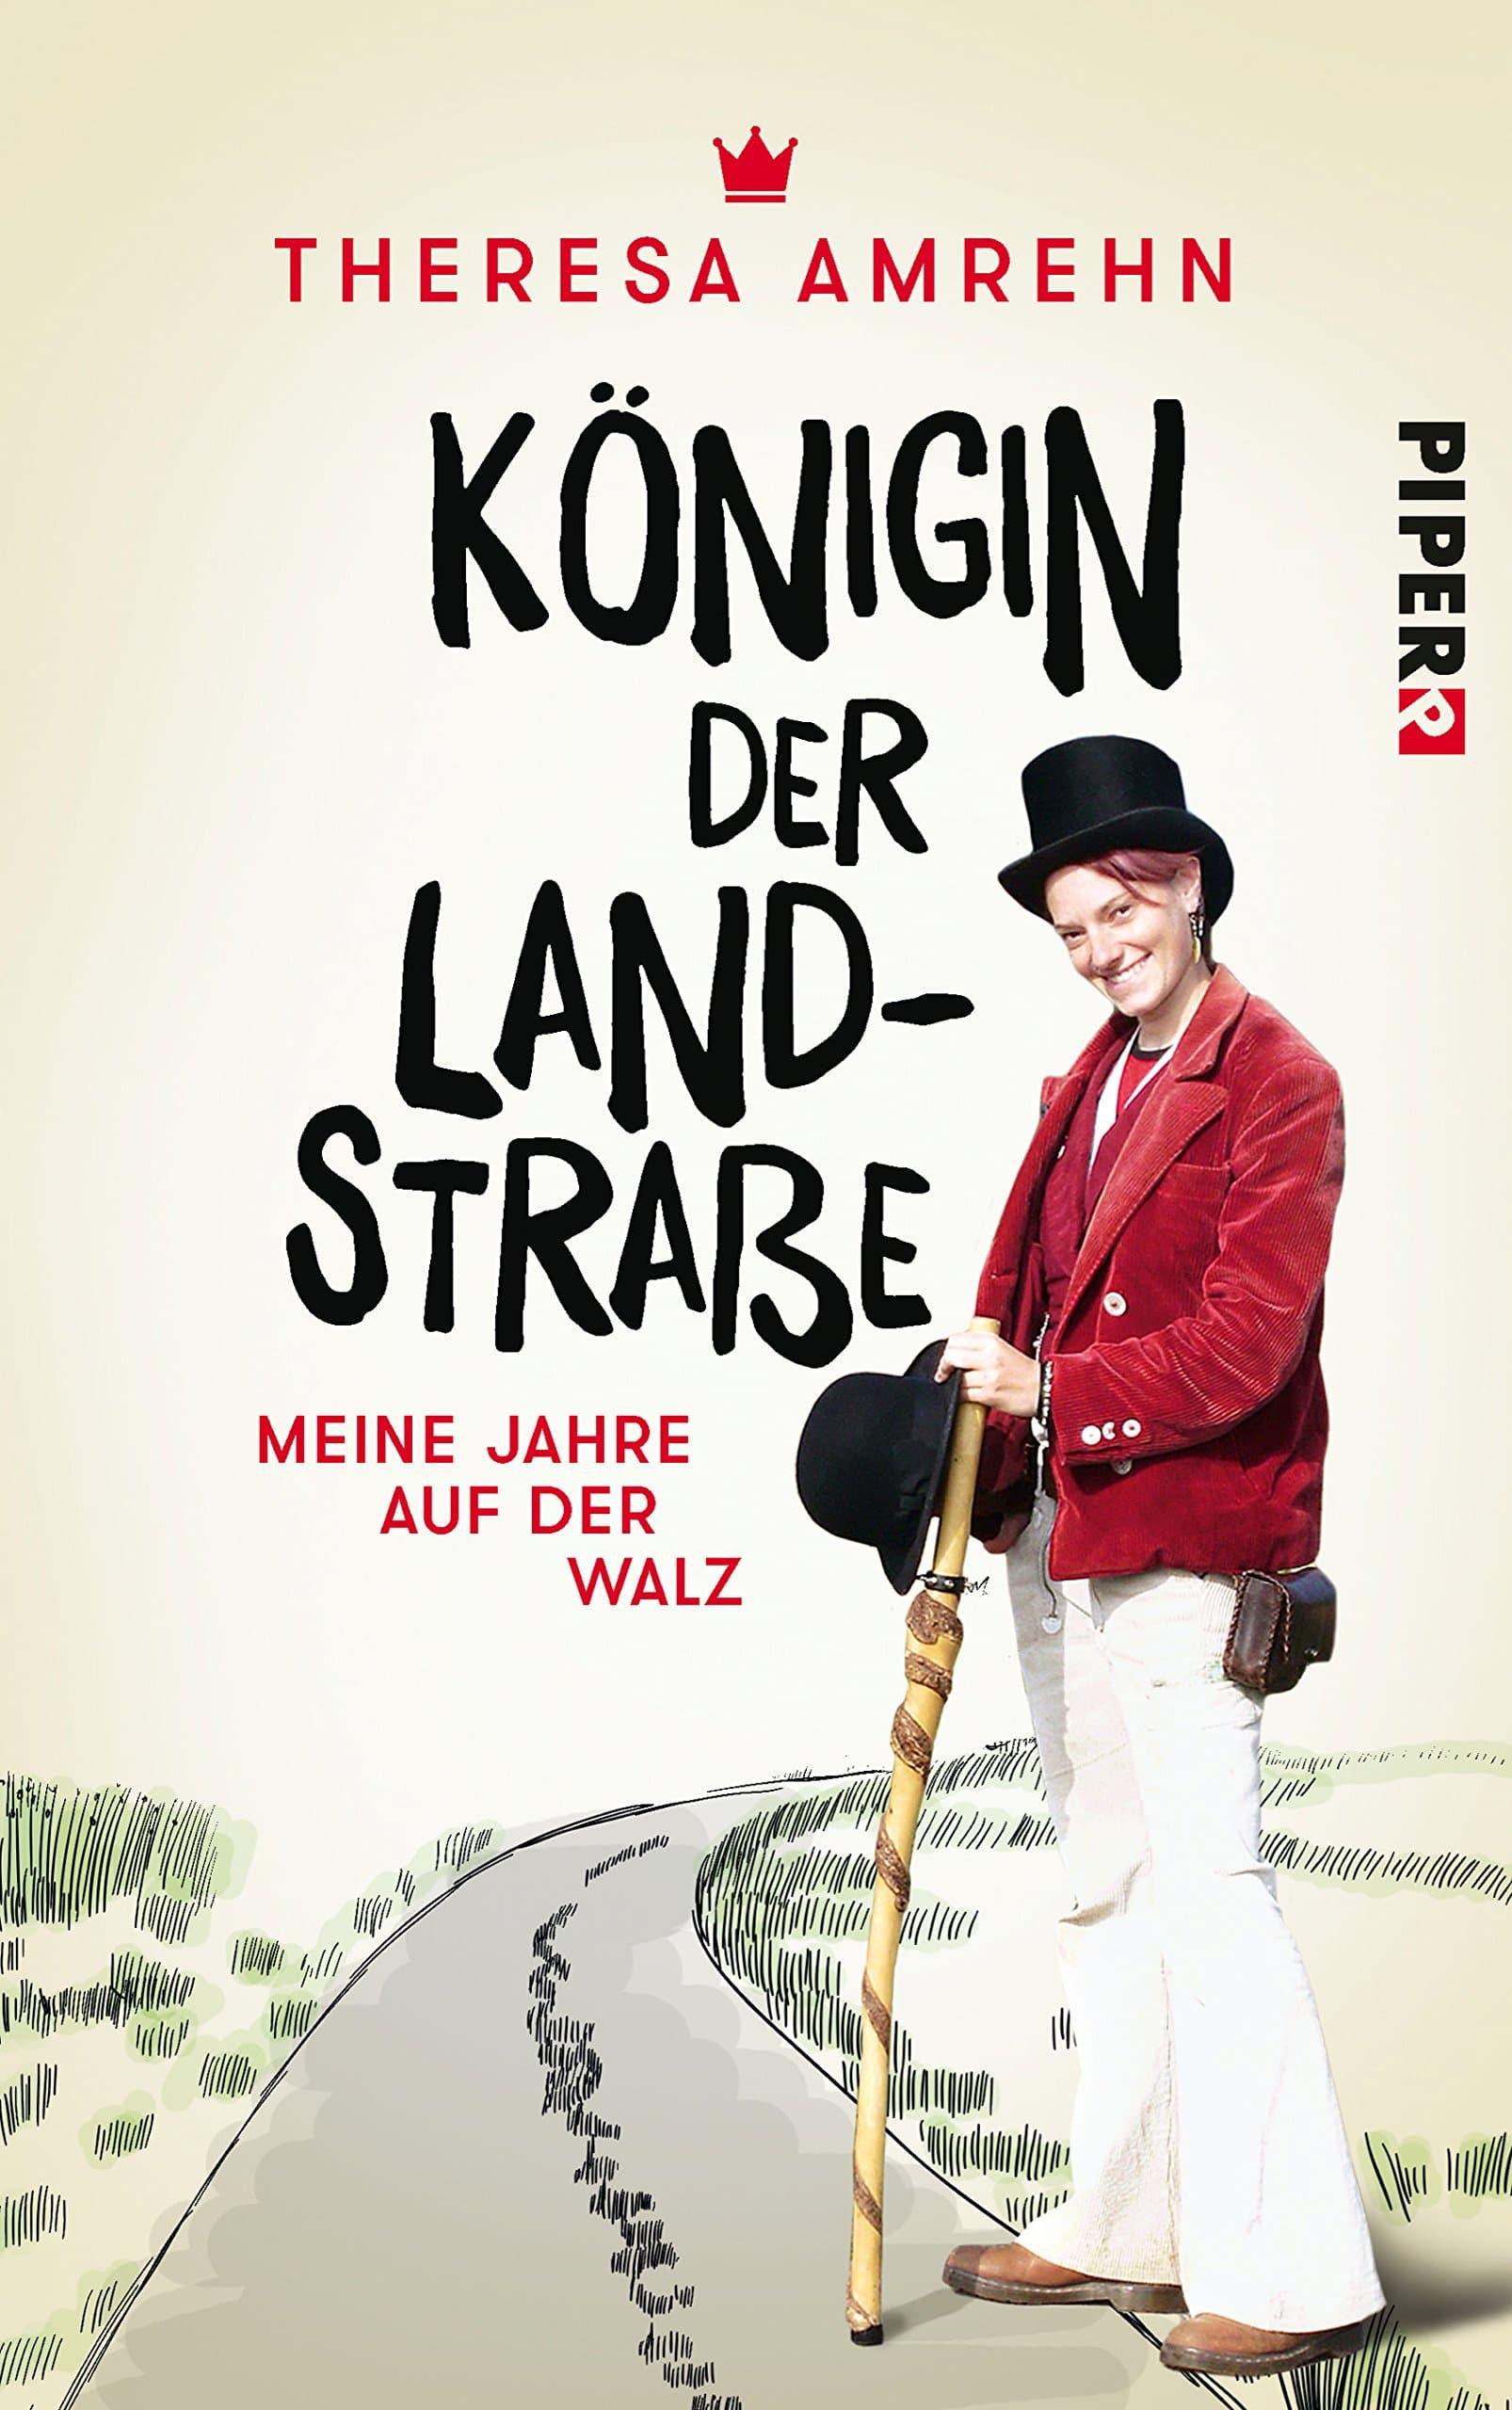 Buchcover: Königin der Landstraße. Meine Jahre auf der Walz.